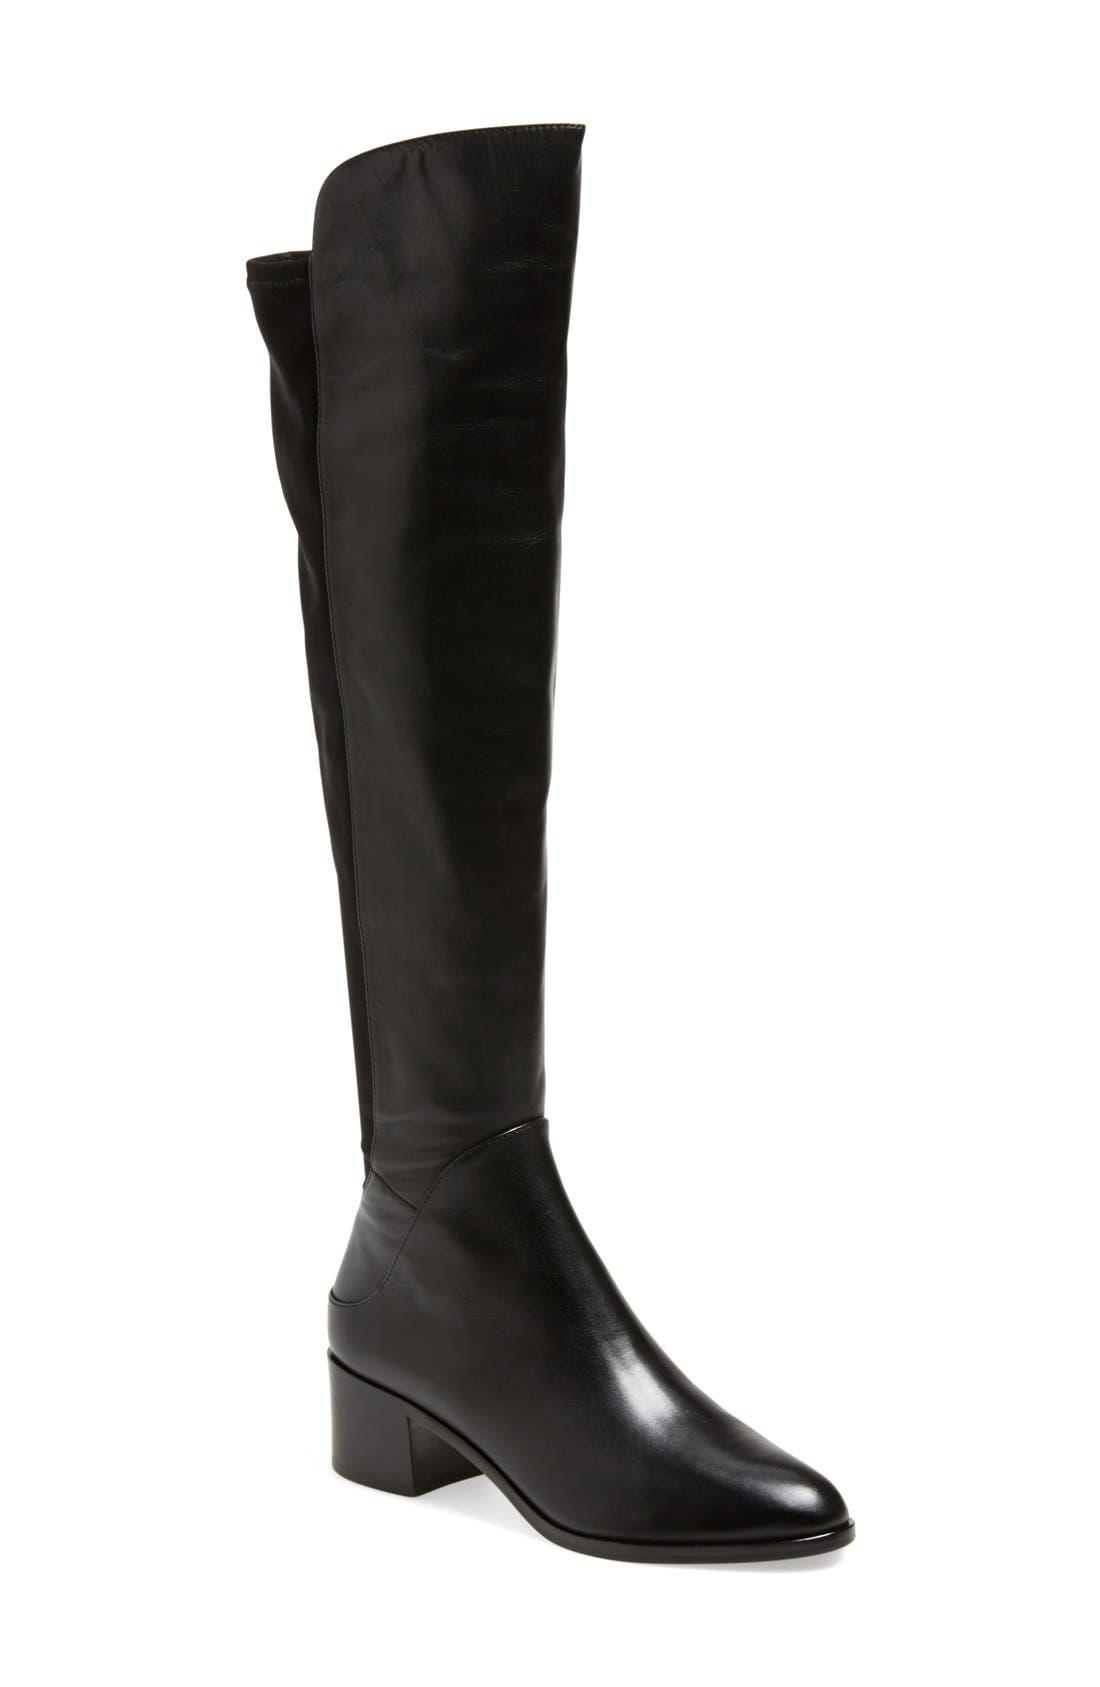 Main Image - Via Spiga 'Alto' Over the Knee Boot (Women)